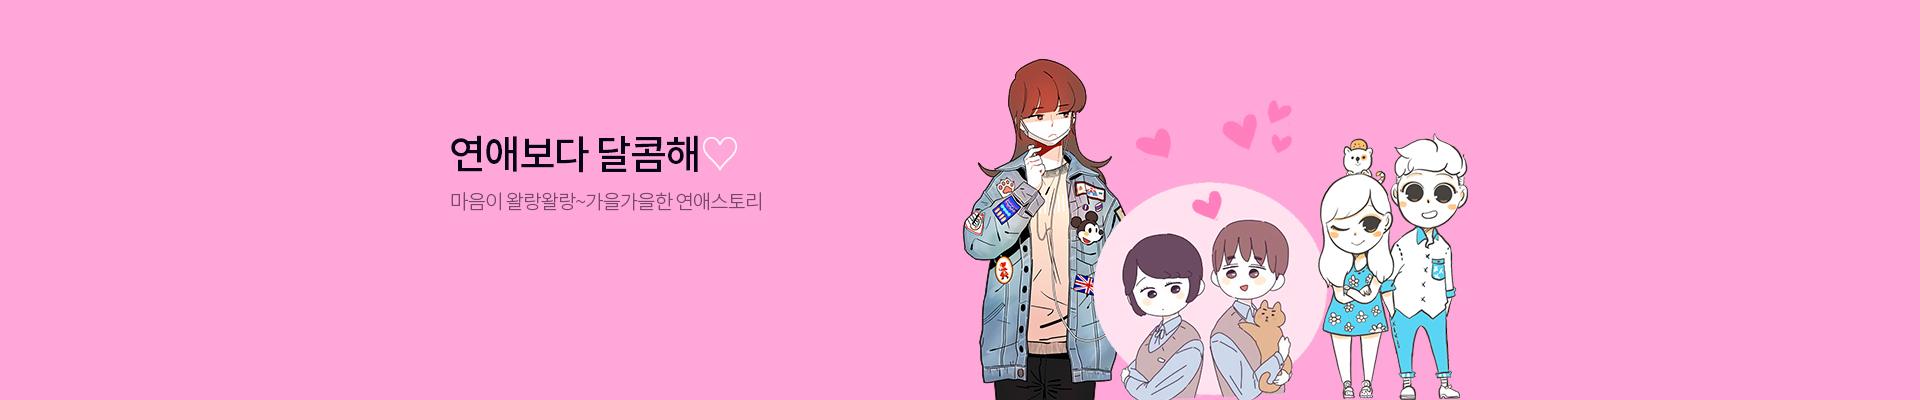 서브_기획전_(웹툰)_연애보다 달콤해_0922